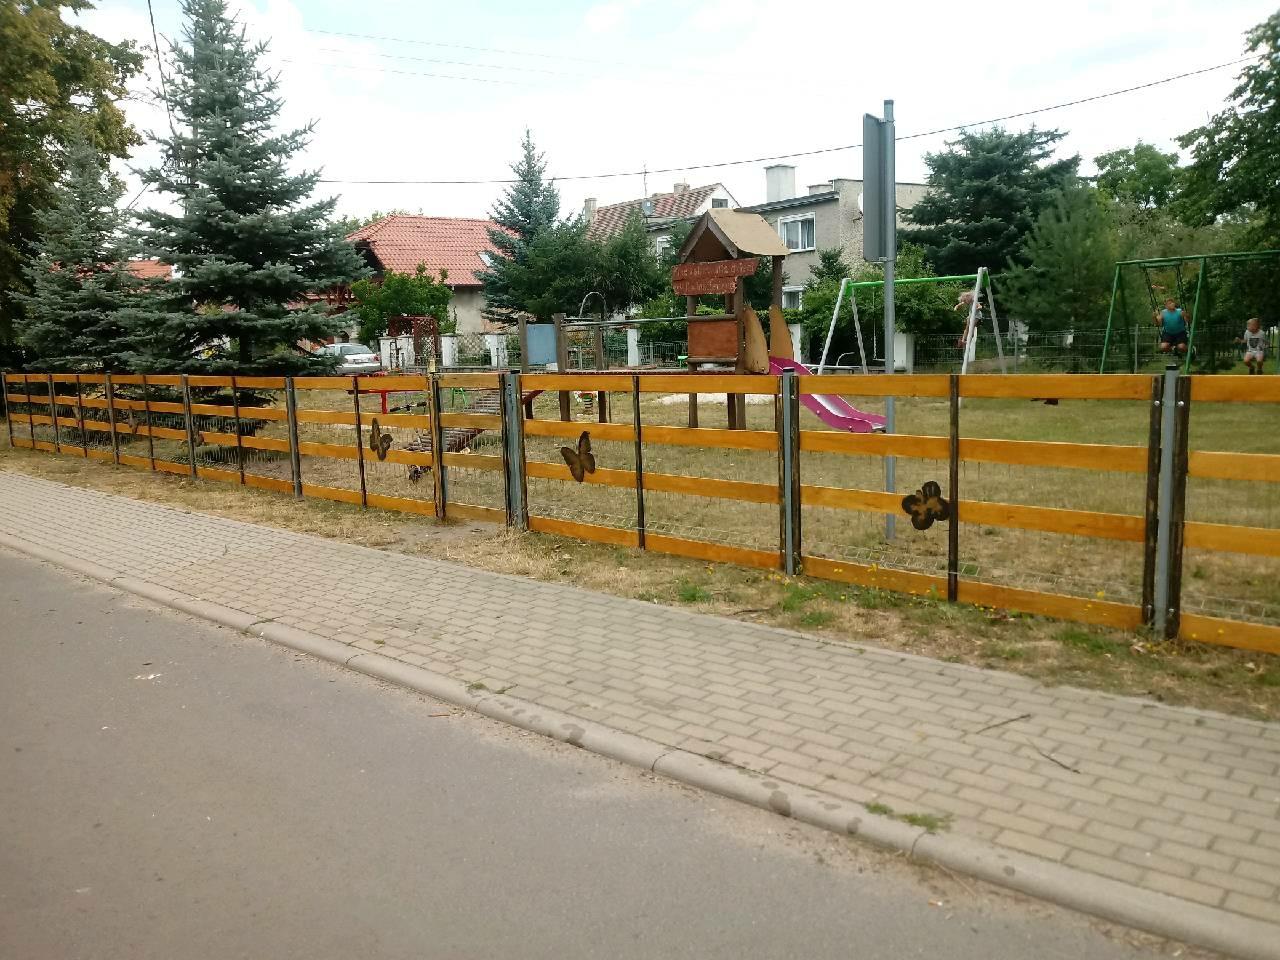 Nowe ogrodzenie przy placu zabaw w Radomierzycach